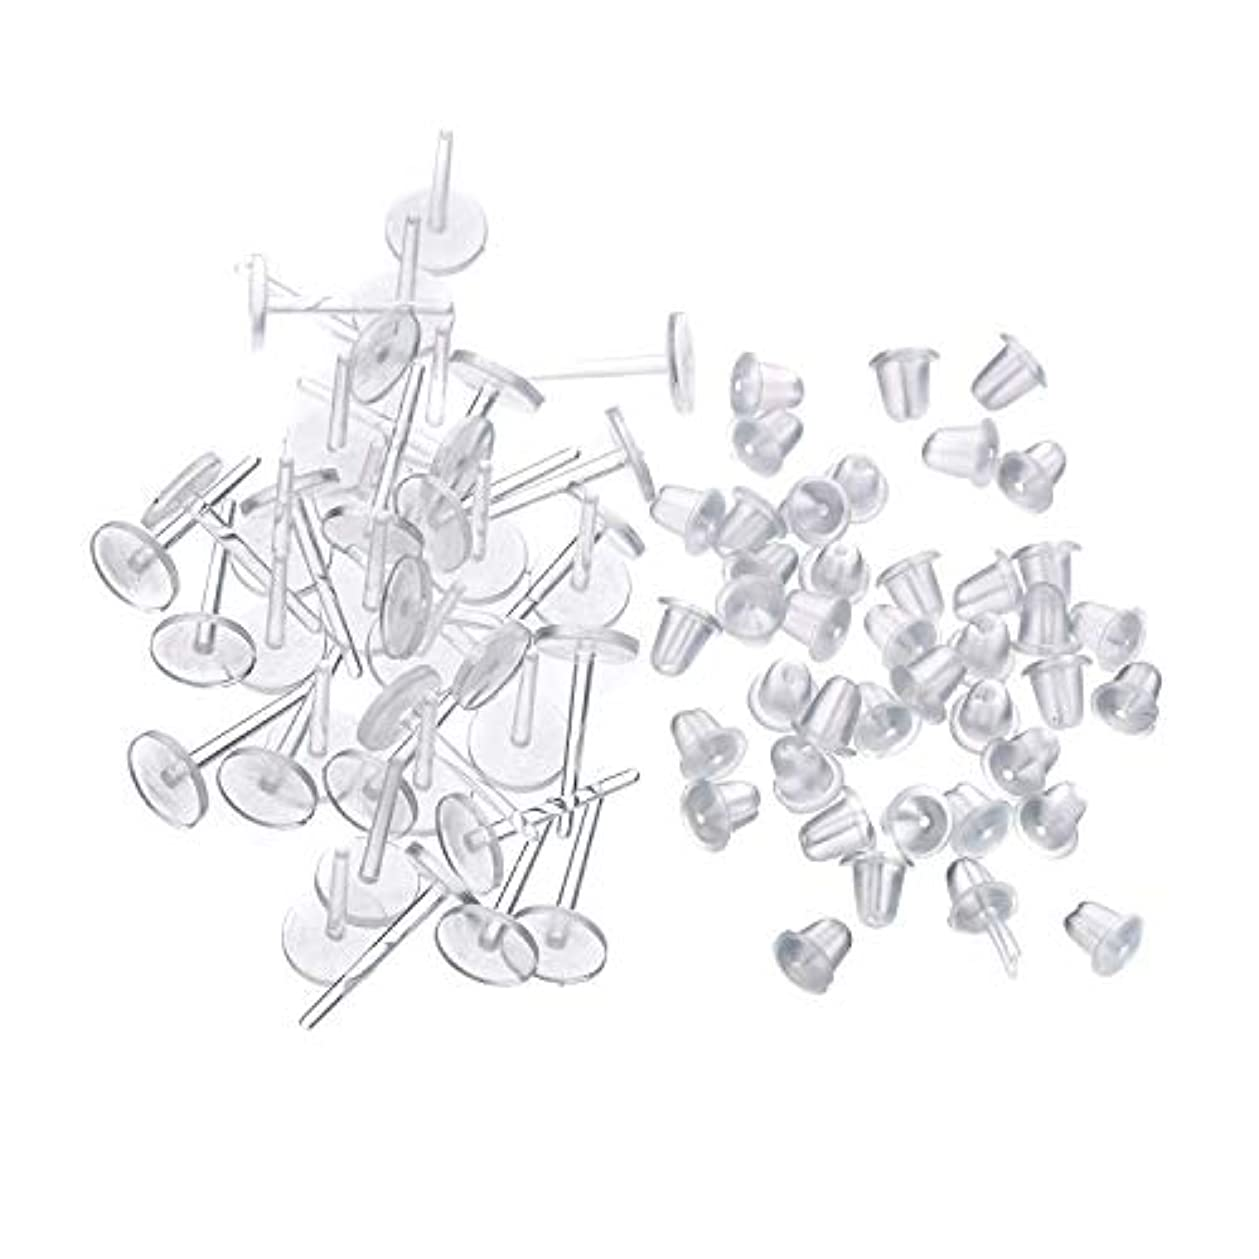 処理するライフル自発シークレットピアス 樹脂透明ピアス 金属アレルギーフリー ピアスホール,20セット